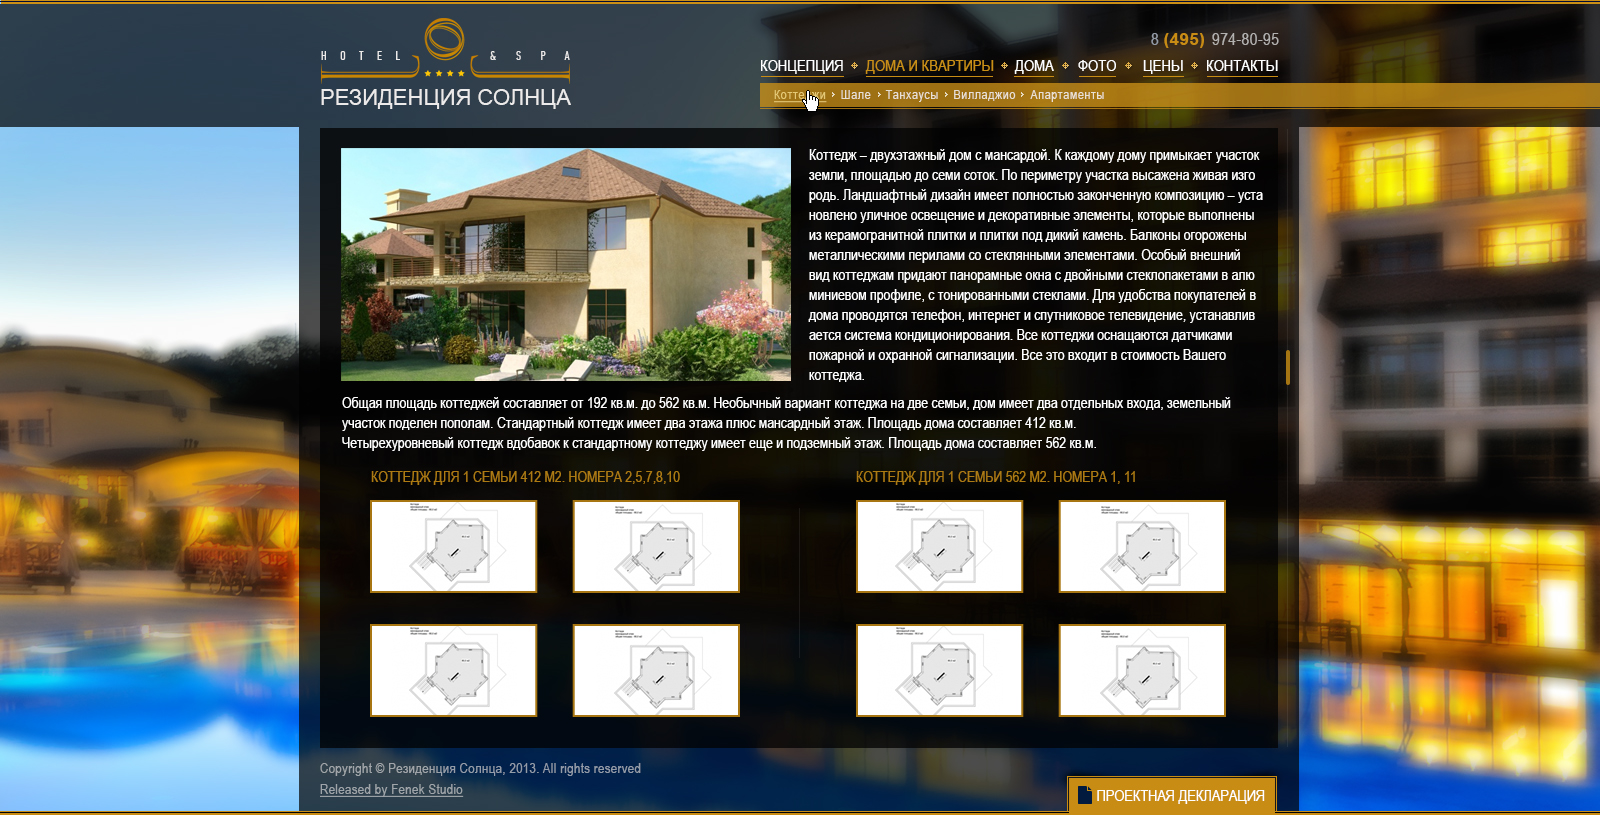 Разработка дизайна Главной страницы и всех внутренних для сайта отеля Резиденция солнца-страница Дома